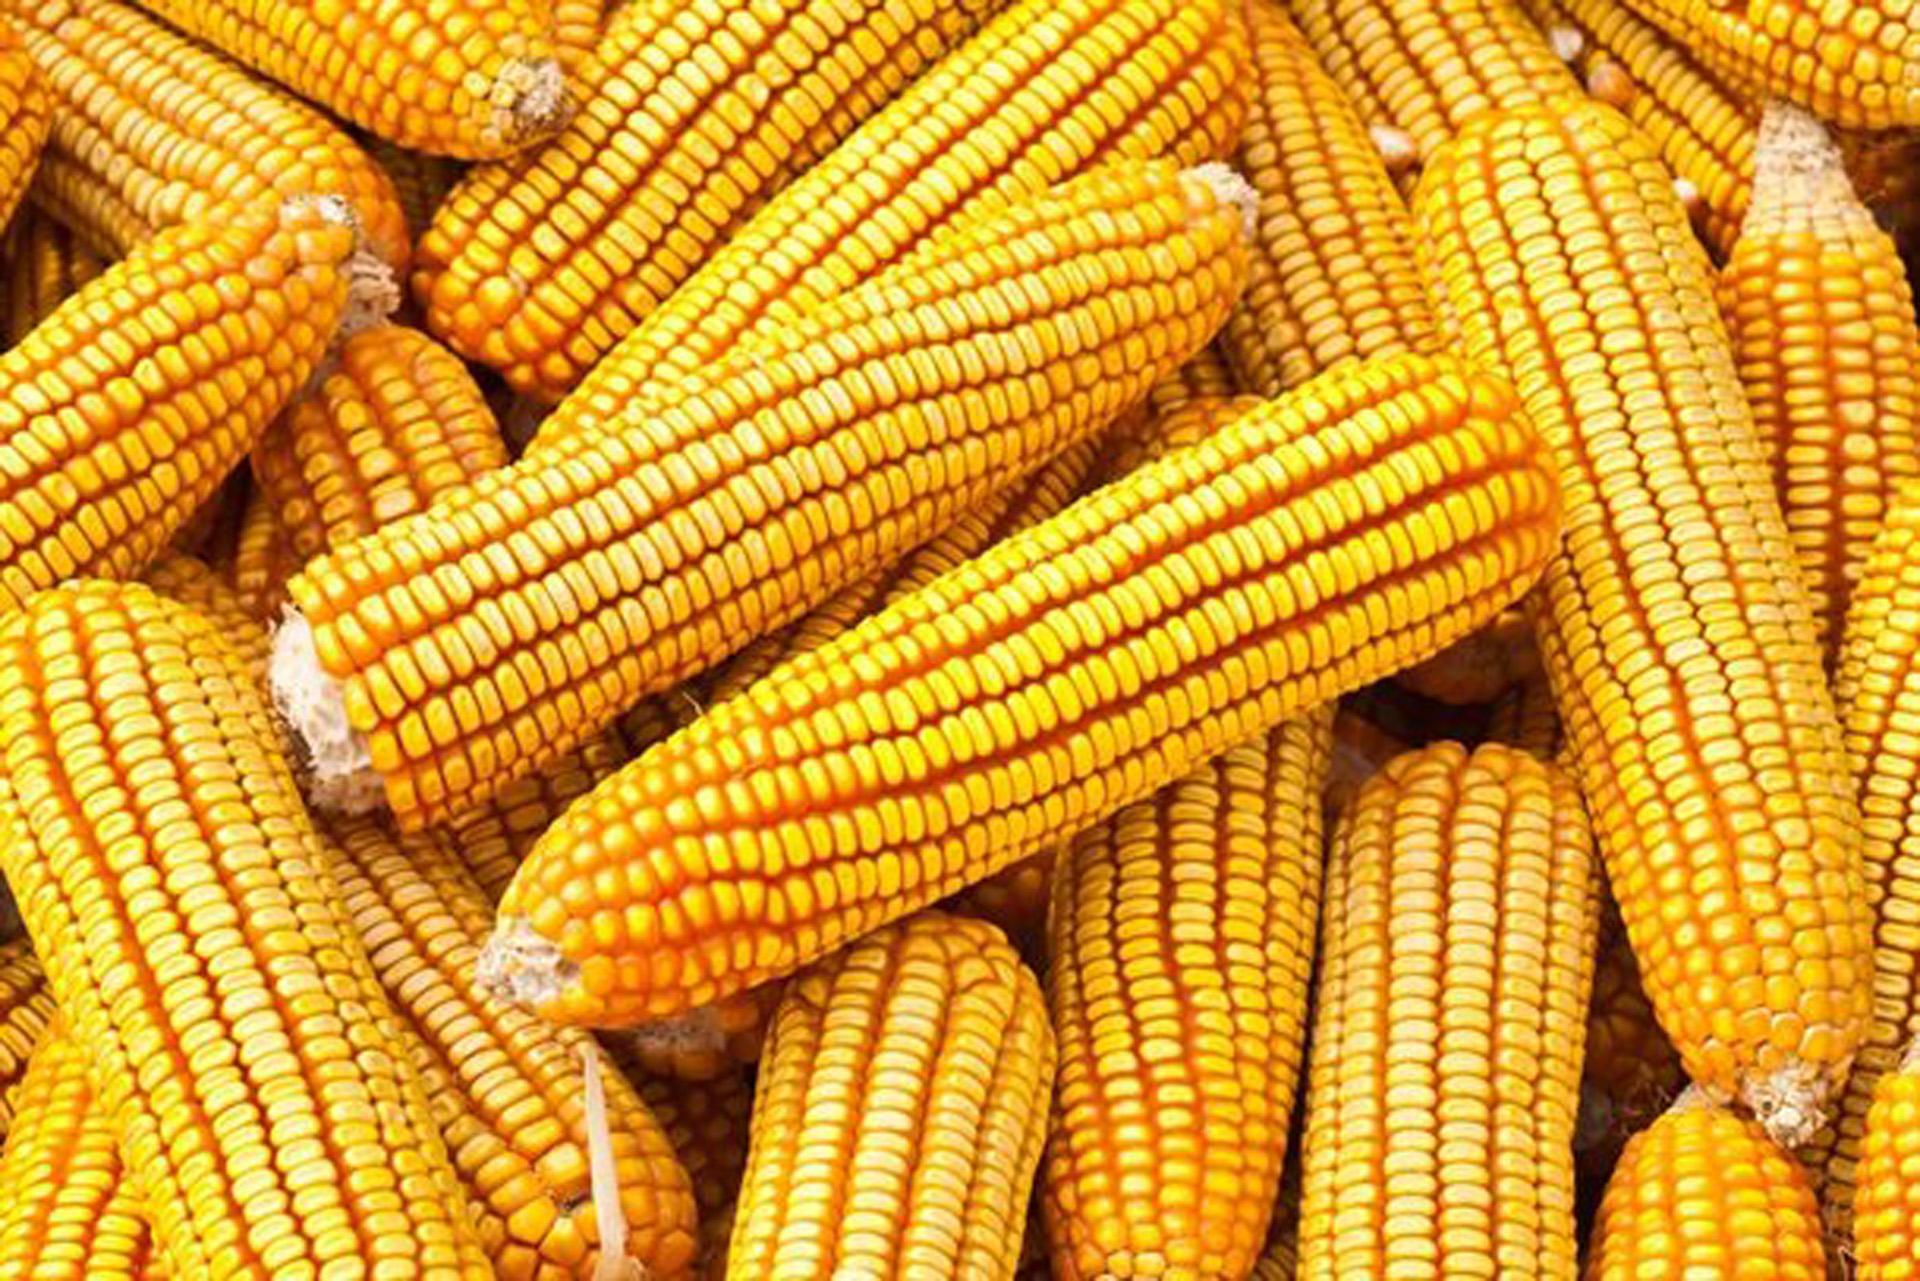 El maiz superará las 47 millones de toneladas, un 48% de incremento con respecto a la campaña anterior